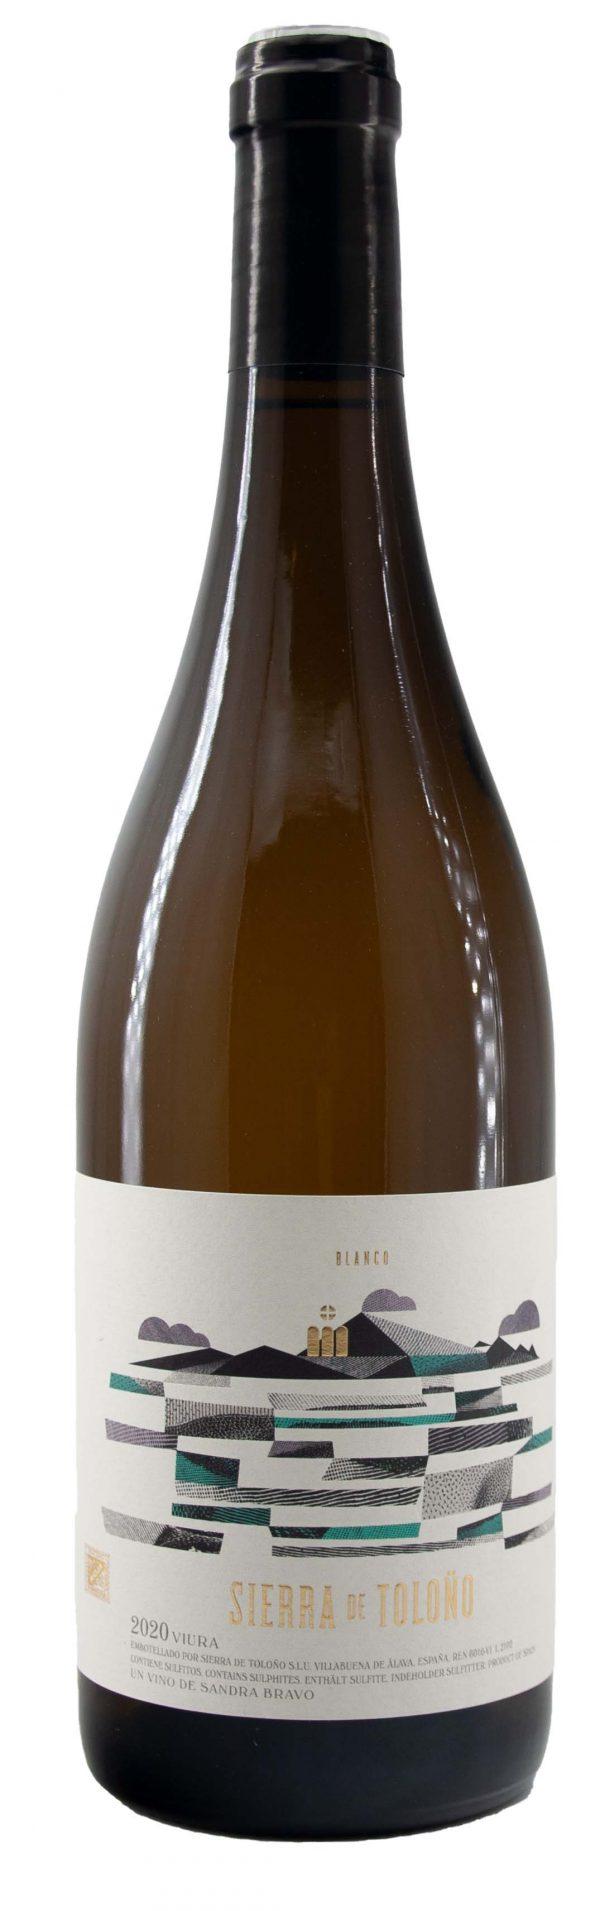 6 Flaschen 2020 Rioja Blanco